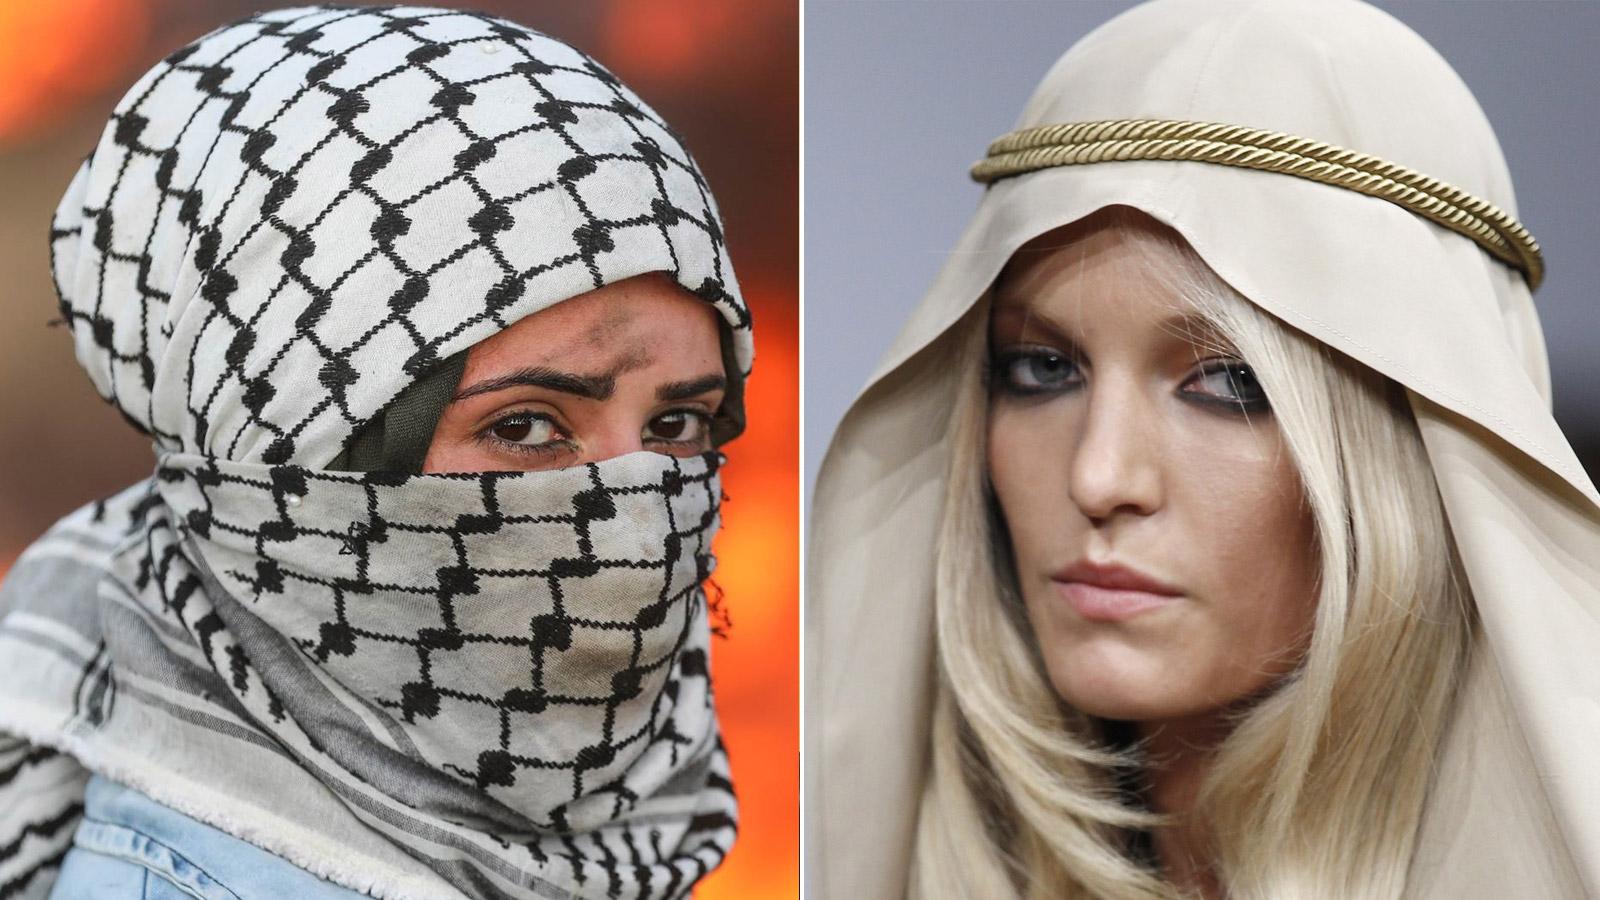 دد من دور عرض الأزياء بدأت تستلهم الكوفية التي تعتبر من رموز الكفاح الفلسطيني